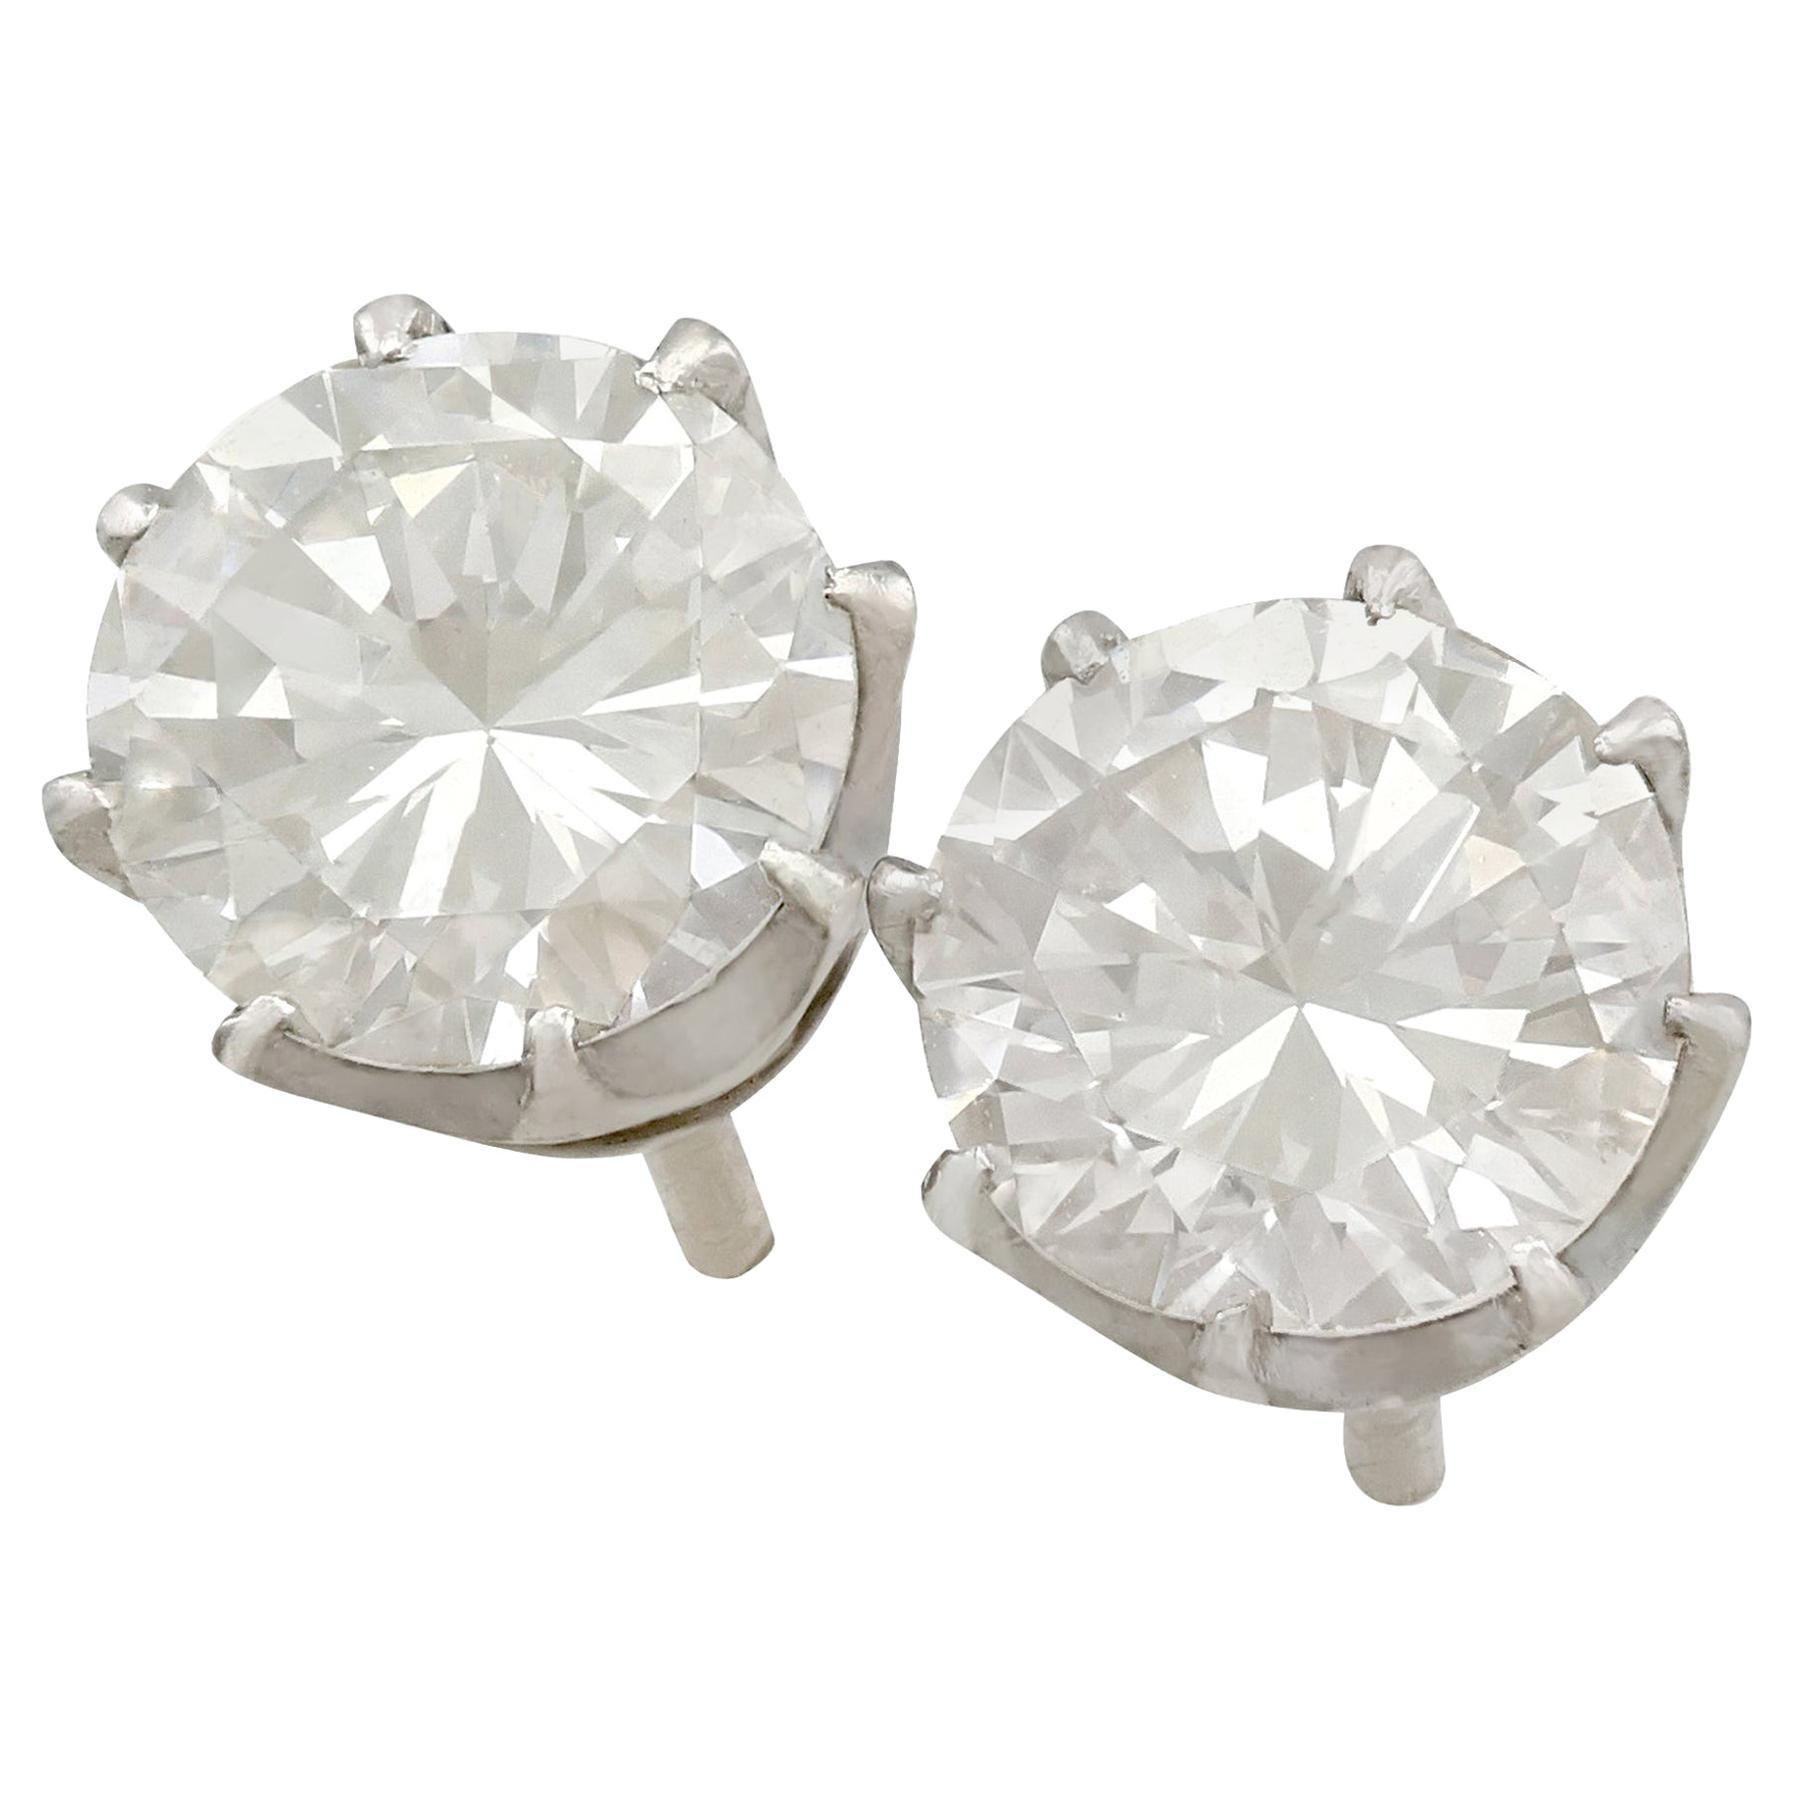 1980s 1.90 Carat Diamond and Platinum Stud Earrings